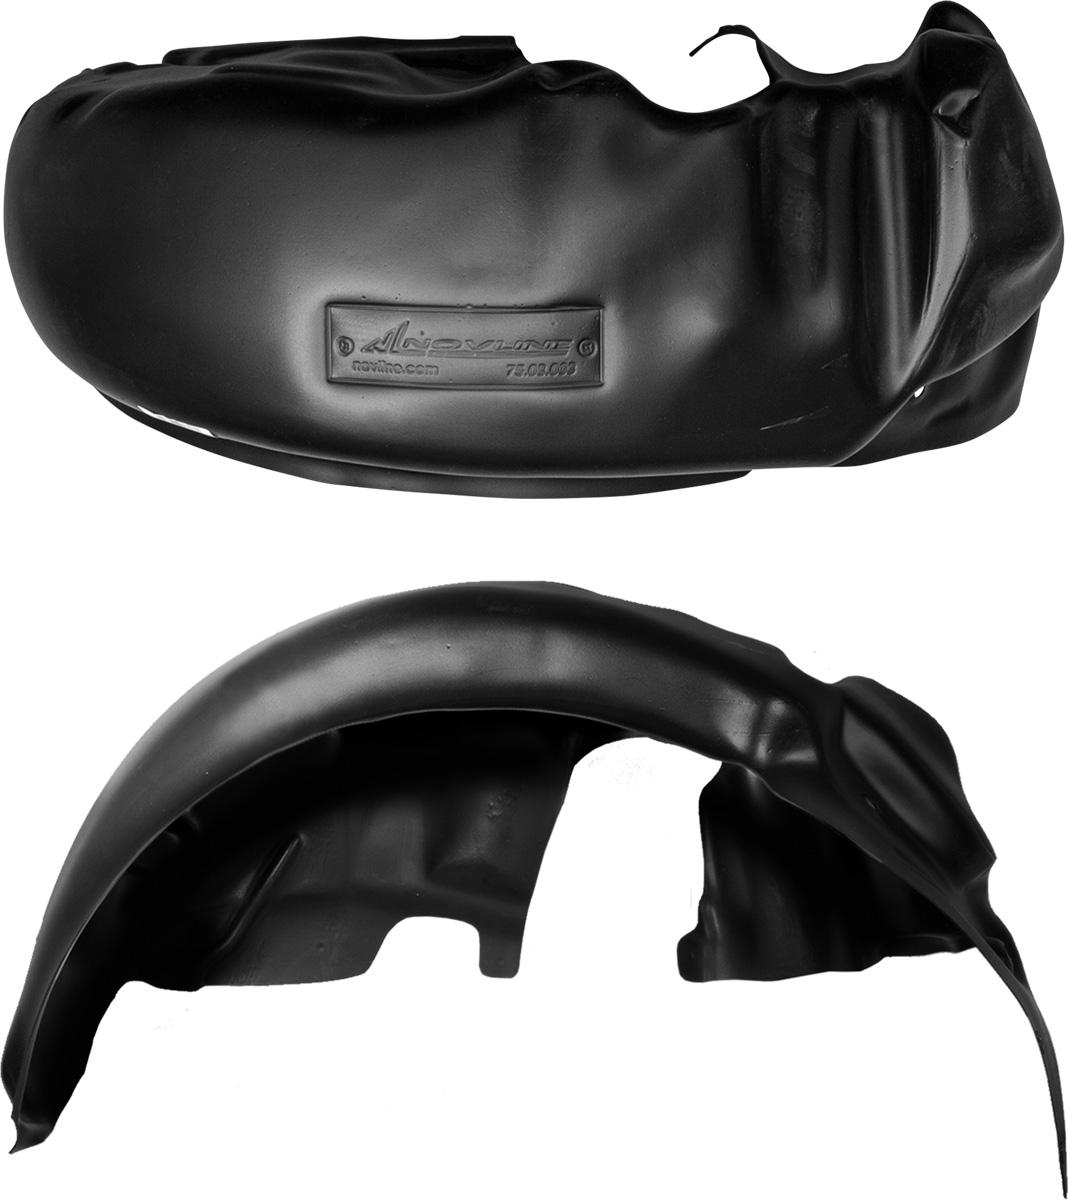 Подкрылок HYUNDAI Solaris, 2010-2014, седан, задний левыйNLL.20.41.003Колесные ниши – одни из самых уязвимых зон днища вашего автомобиля. Они постоянно подвергаются воздействию со стороны дороги. Лучшая, почти абсолютная защита для них - специально отформованные пластиковые кожухи, которые называются подкрылками, или локерами. Производятся они как для отечественных моделей автомобилей, так и для иномарок. Подкрылки выполнены из высококачественного, экологически чистого пластика. Обеспечивают надежную защиту кузова автомобиля от пескоструйного эффекта и негативного влияния, агрессивных антигололедных реагентов. Пластик обладает более низкой теплопроводностью, чем металл, поэтому в зимний период эксплуатации использование пластиковых подкрылков позволяет лучше защитить колесные ниши от налипания снега и образования наледи. Оригинальность конструкции подчеркивает элегантность автомобиля, бережно защищает нанесенное на днище кузова антикоррозийное покрытие и позволяет осуществить крепление подкрылков внутри колесной арки практически без дополнительного крепежа и сверления, не нарушая при этом лакокрасочного покрытия, что предотвращает возникновение новых очагов коррозии. Технология крепления подкрылков на иномарки принципиально отличается от крепления на российские автомобили и разрабатывается индивидуально для каждой модели автомобиля. Подкрылки долговечны, обладают высокой прочностью и сохраняют заданную форму, а также все свои физико-механические характеристики в самых тяжелых климатических условиях ( от -50° С до + 50° С).